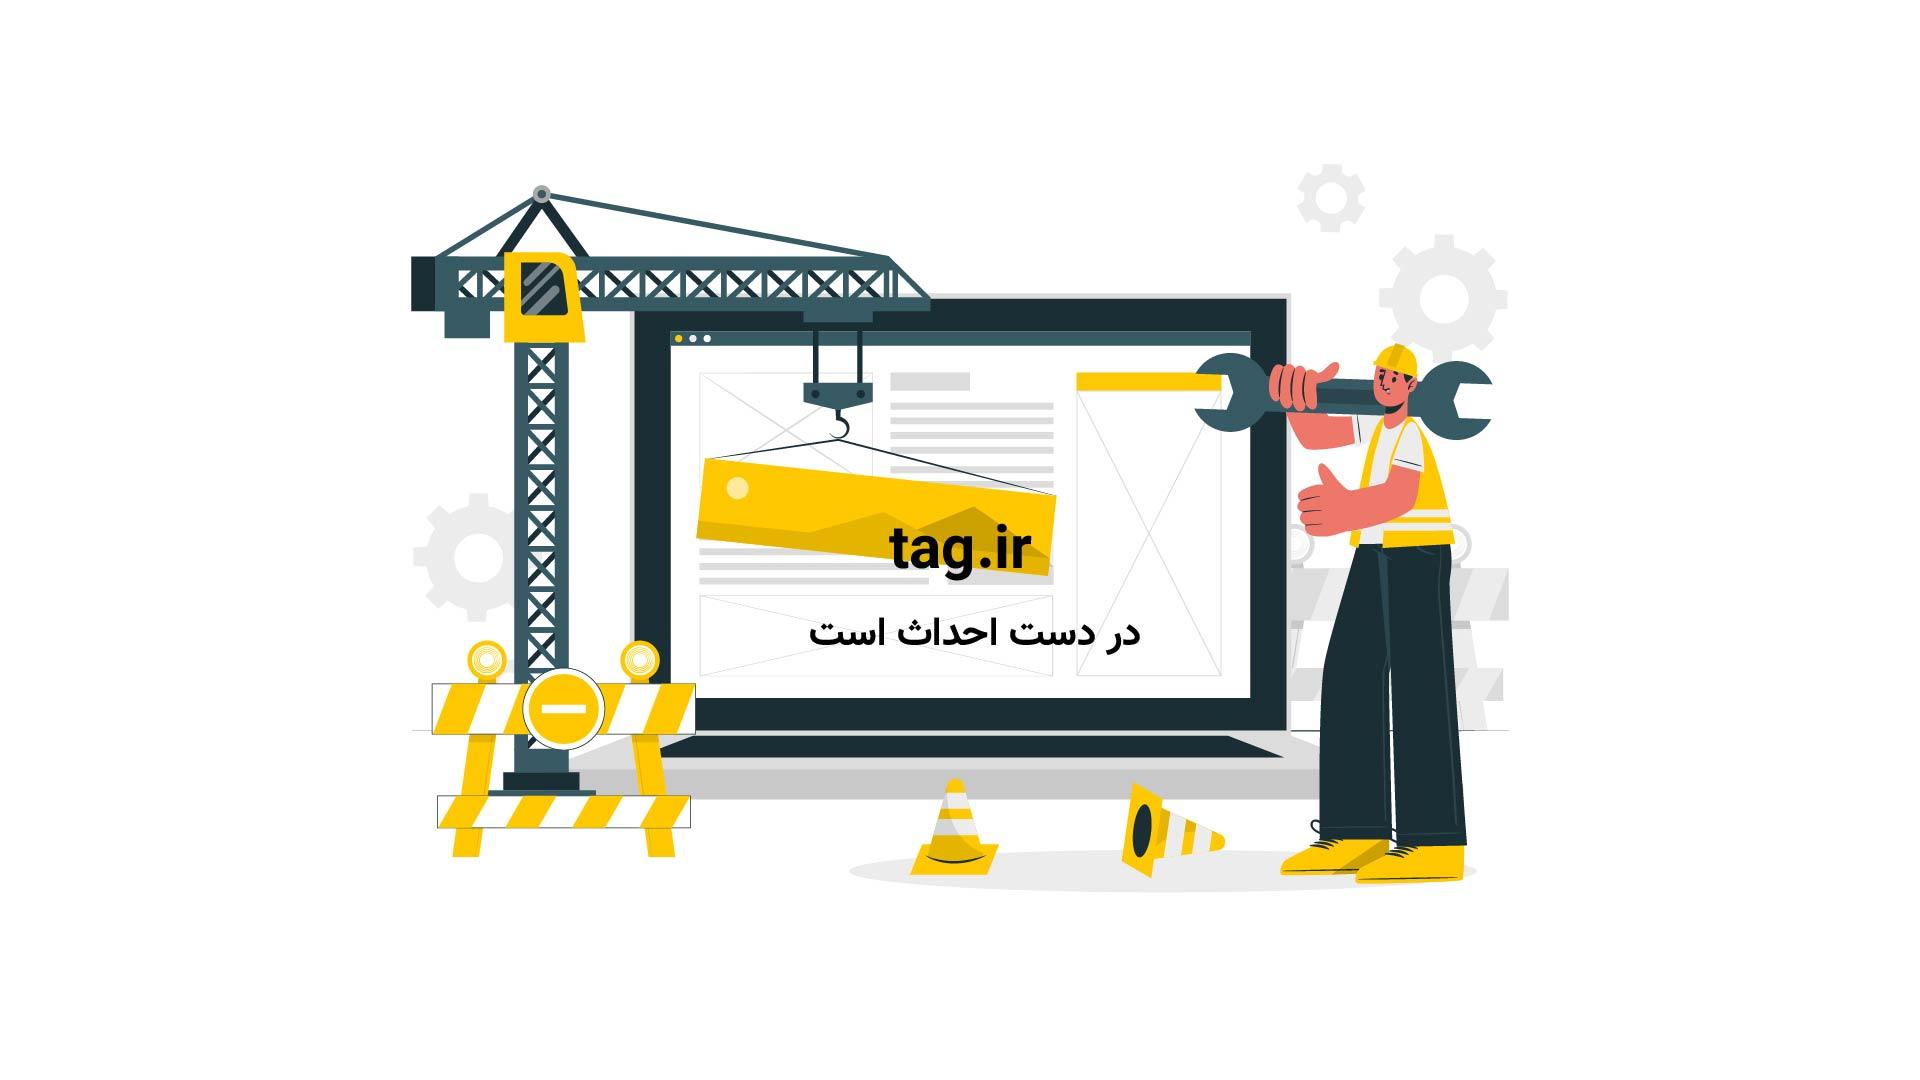 کشتی دریای متلاطم | تگ